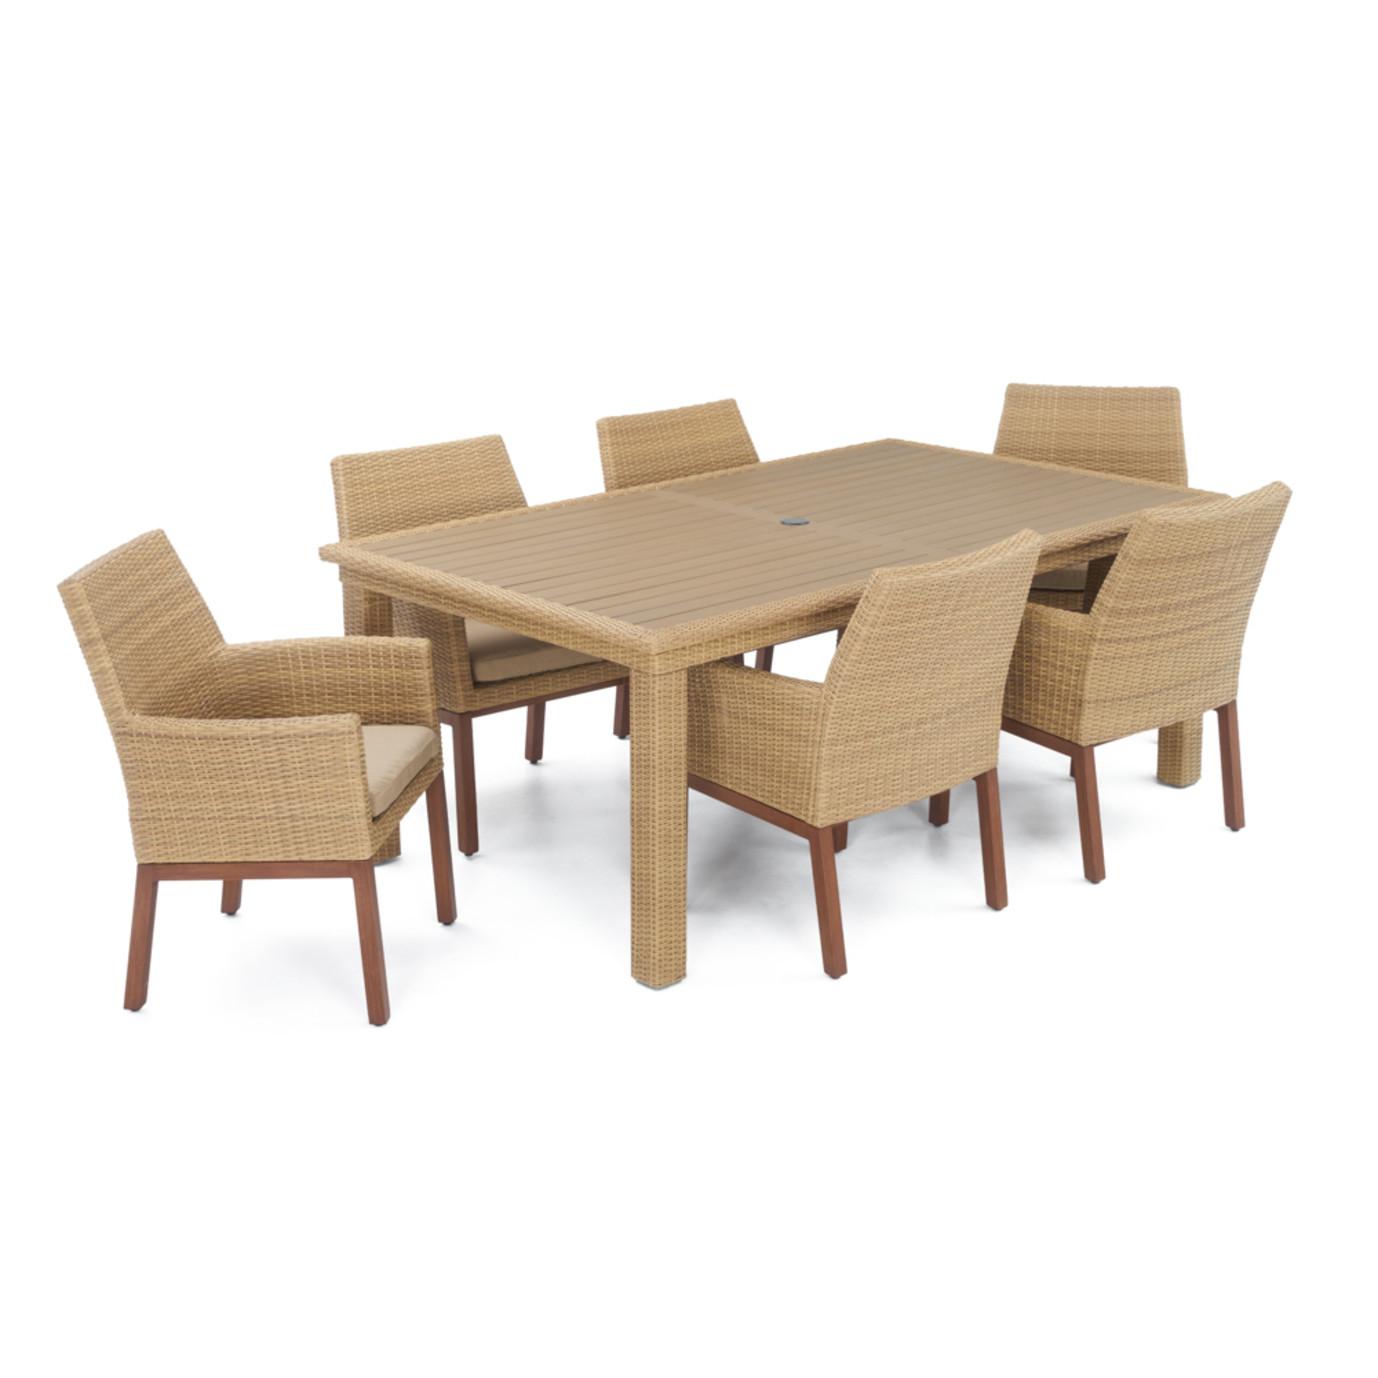 Mili™ 7pc Dining Set - Maxim Beige